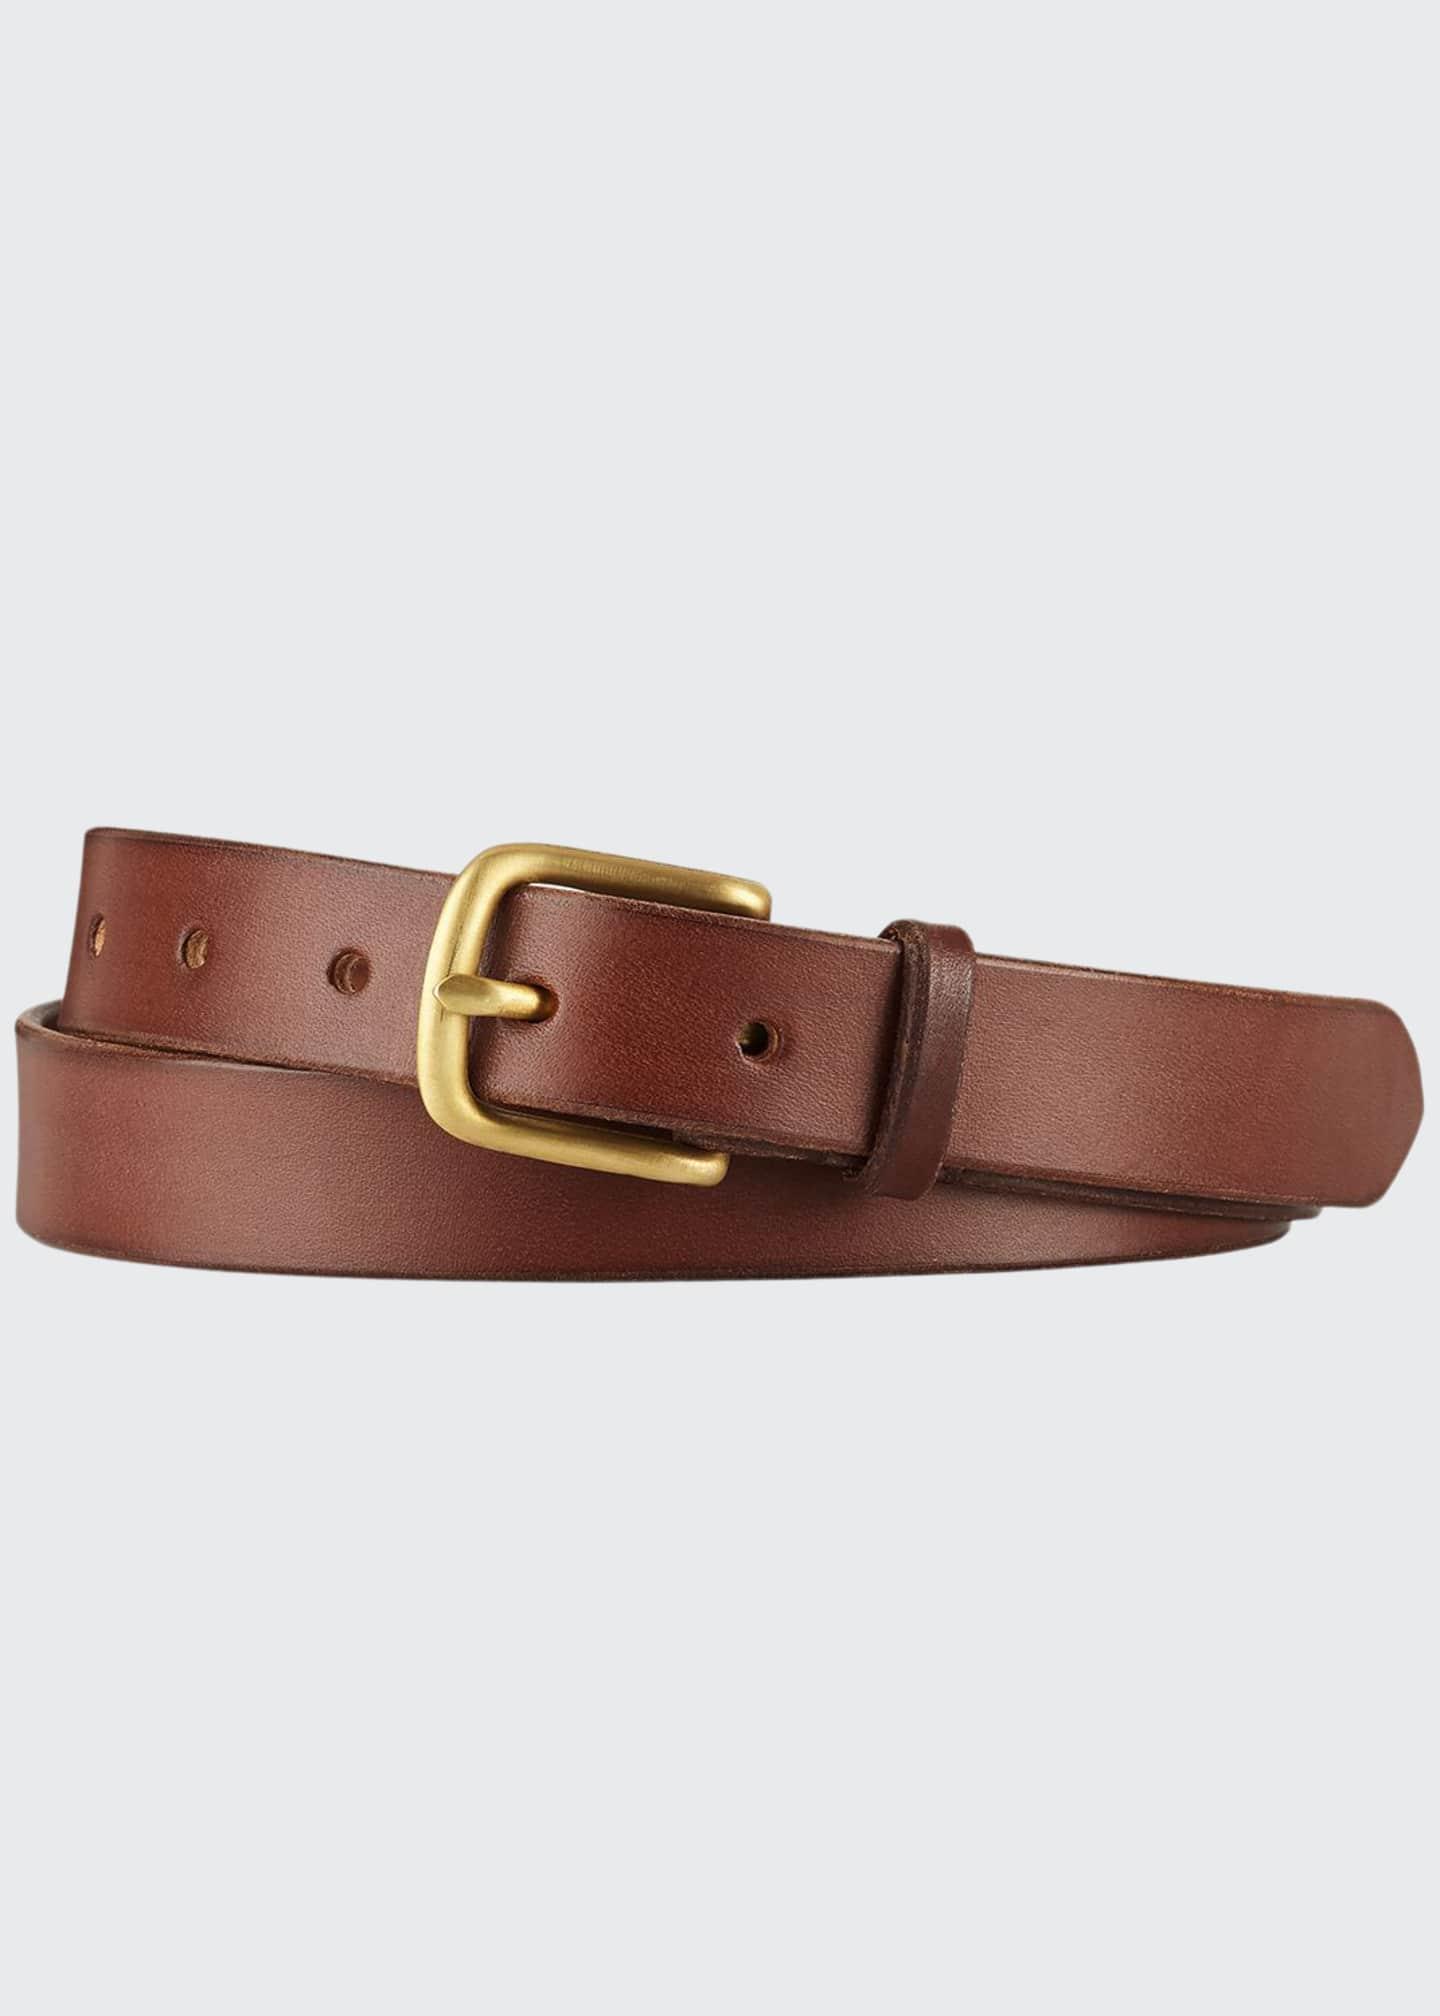 Maximum Henry Men's Standard Belt - Slim